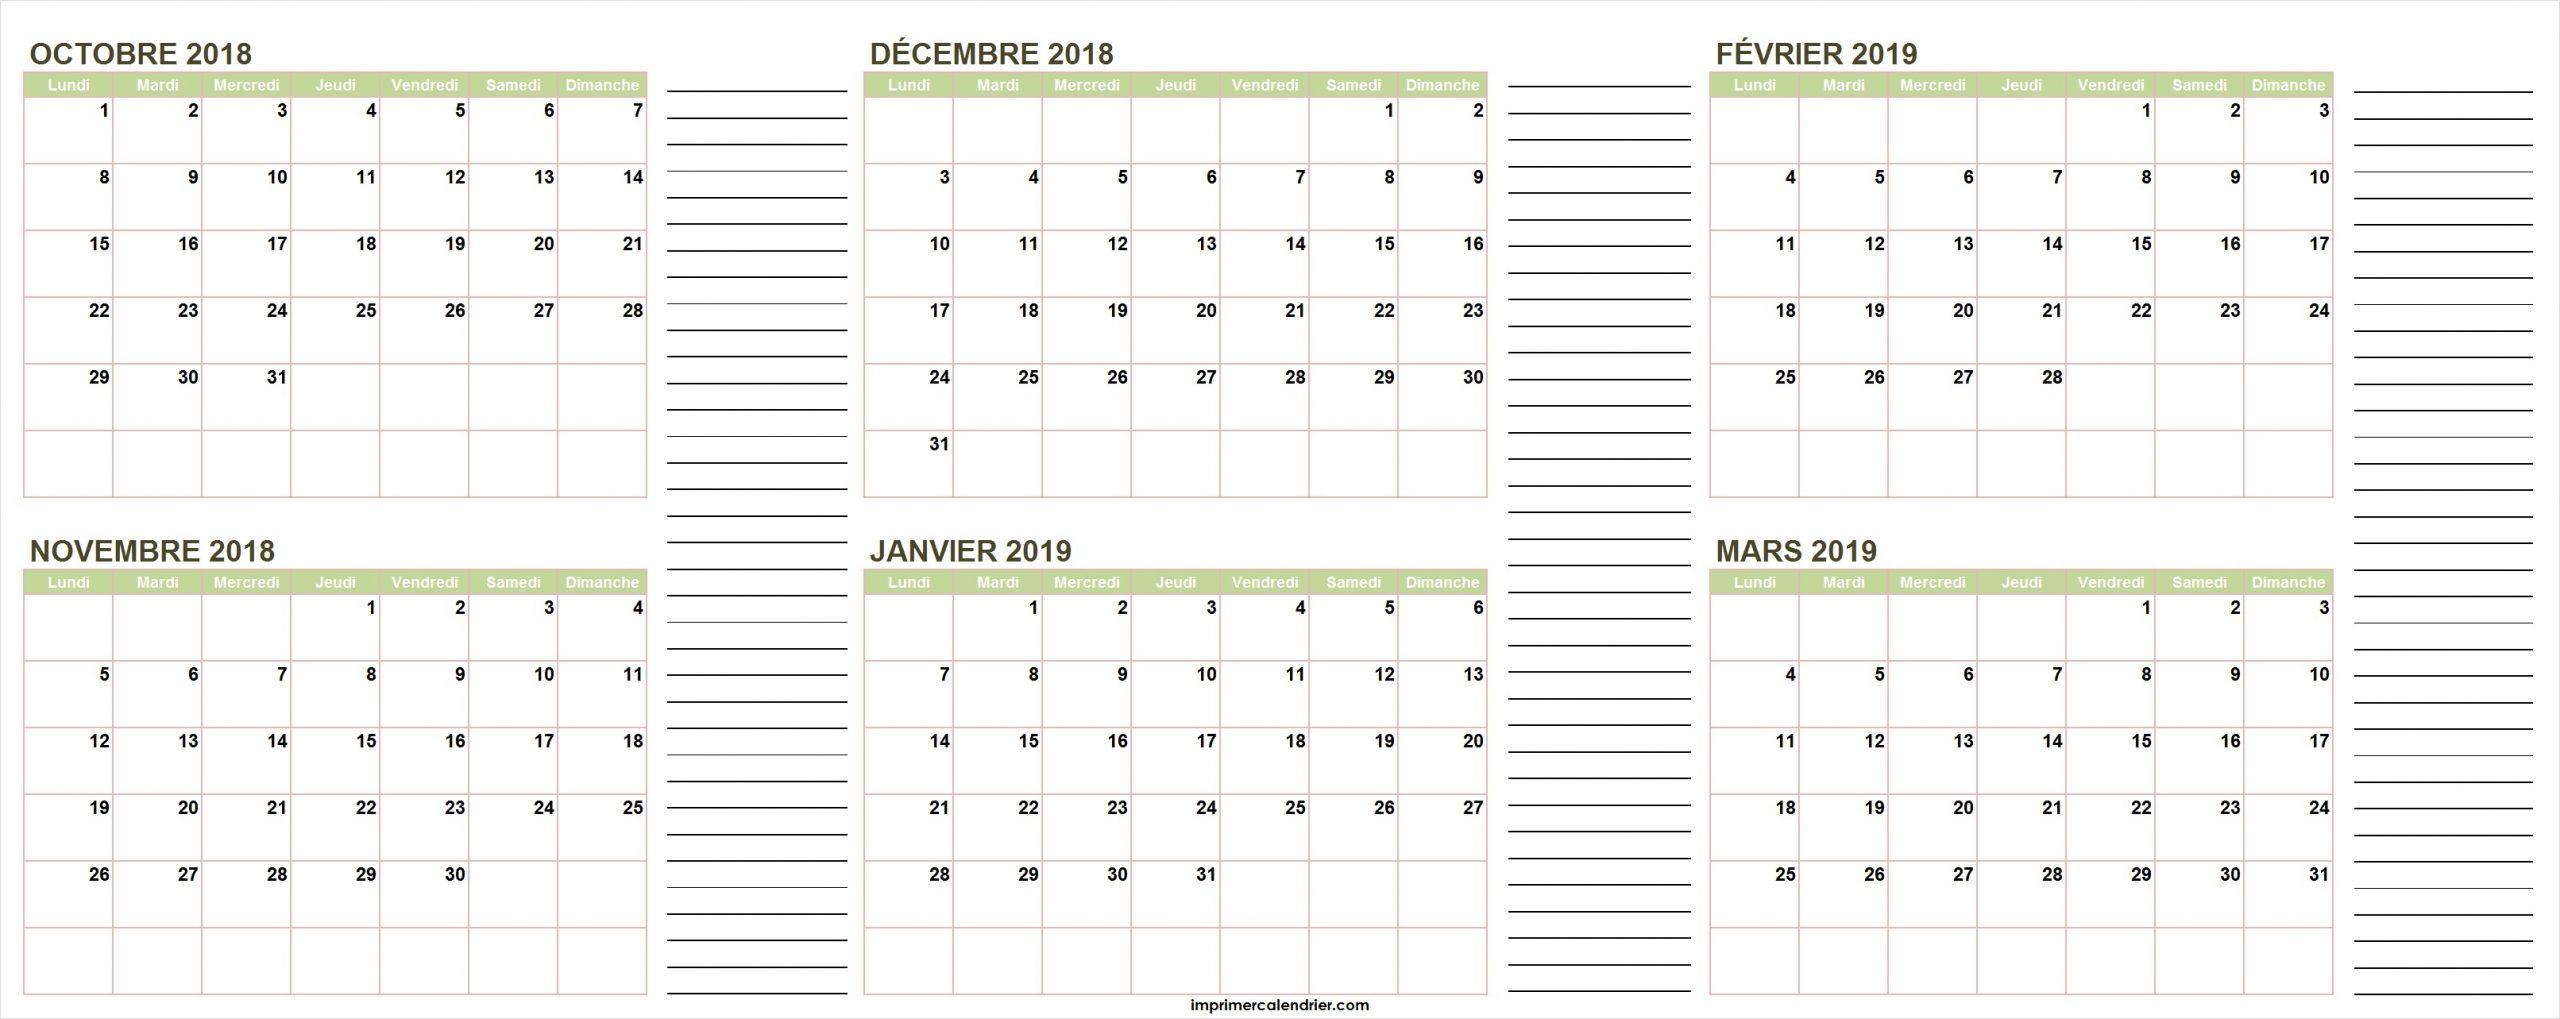 Calendrier Octobre 2018 À Mars 2019 | Calendrier Pour Imprimer tout Calendrier Mars 2018 À Imprimer